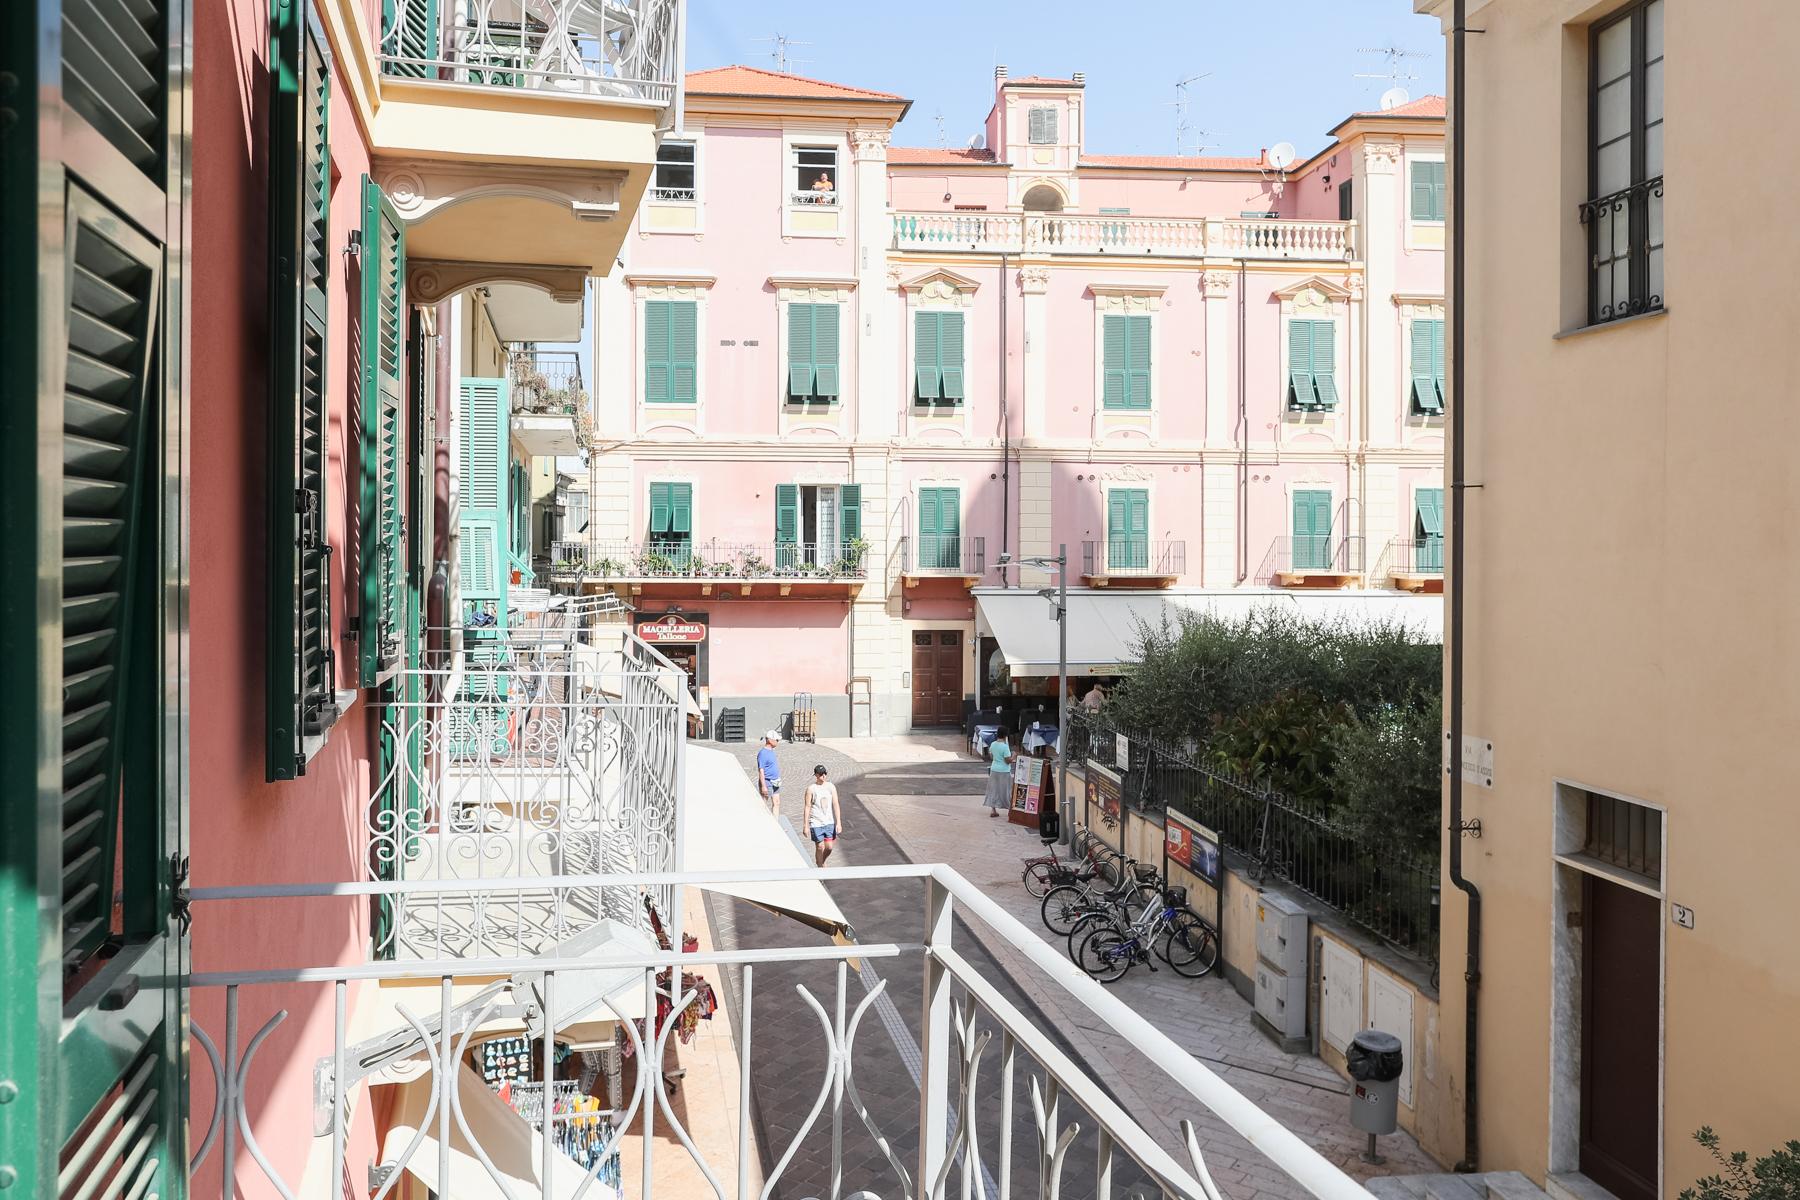 Appartamento in Vendita a Diano Marina: 2 locali, 52 mq - Foto 1